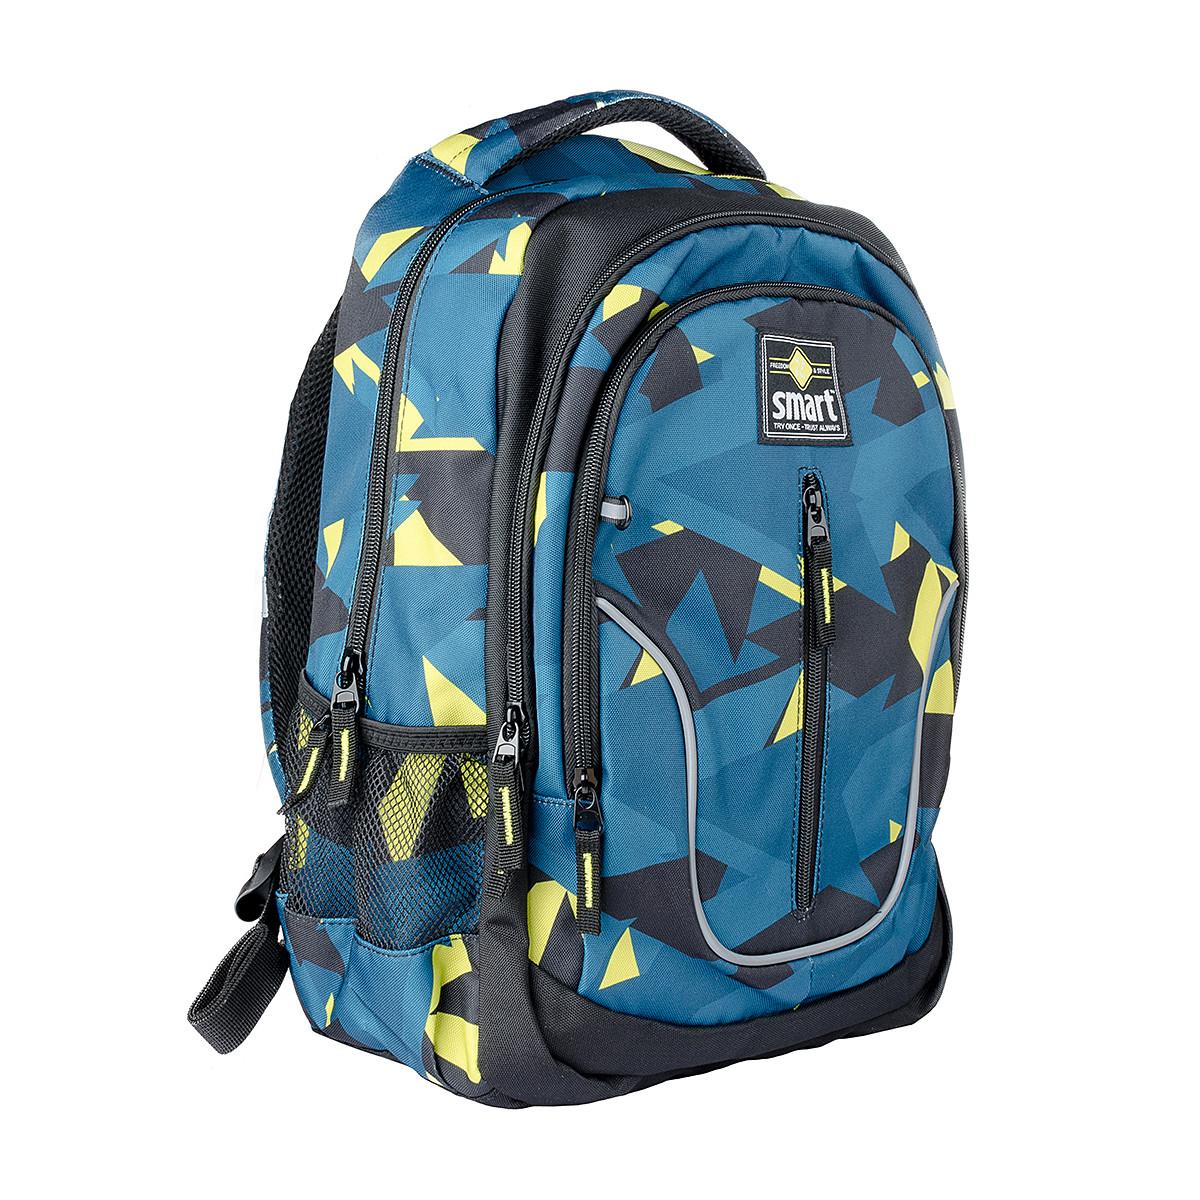 Рюкзак школьный SMART TN-07 Global, черн/бирюз.